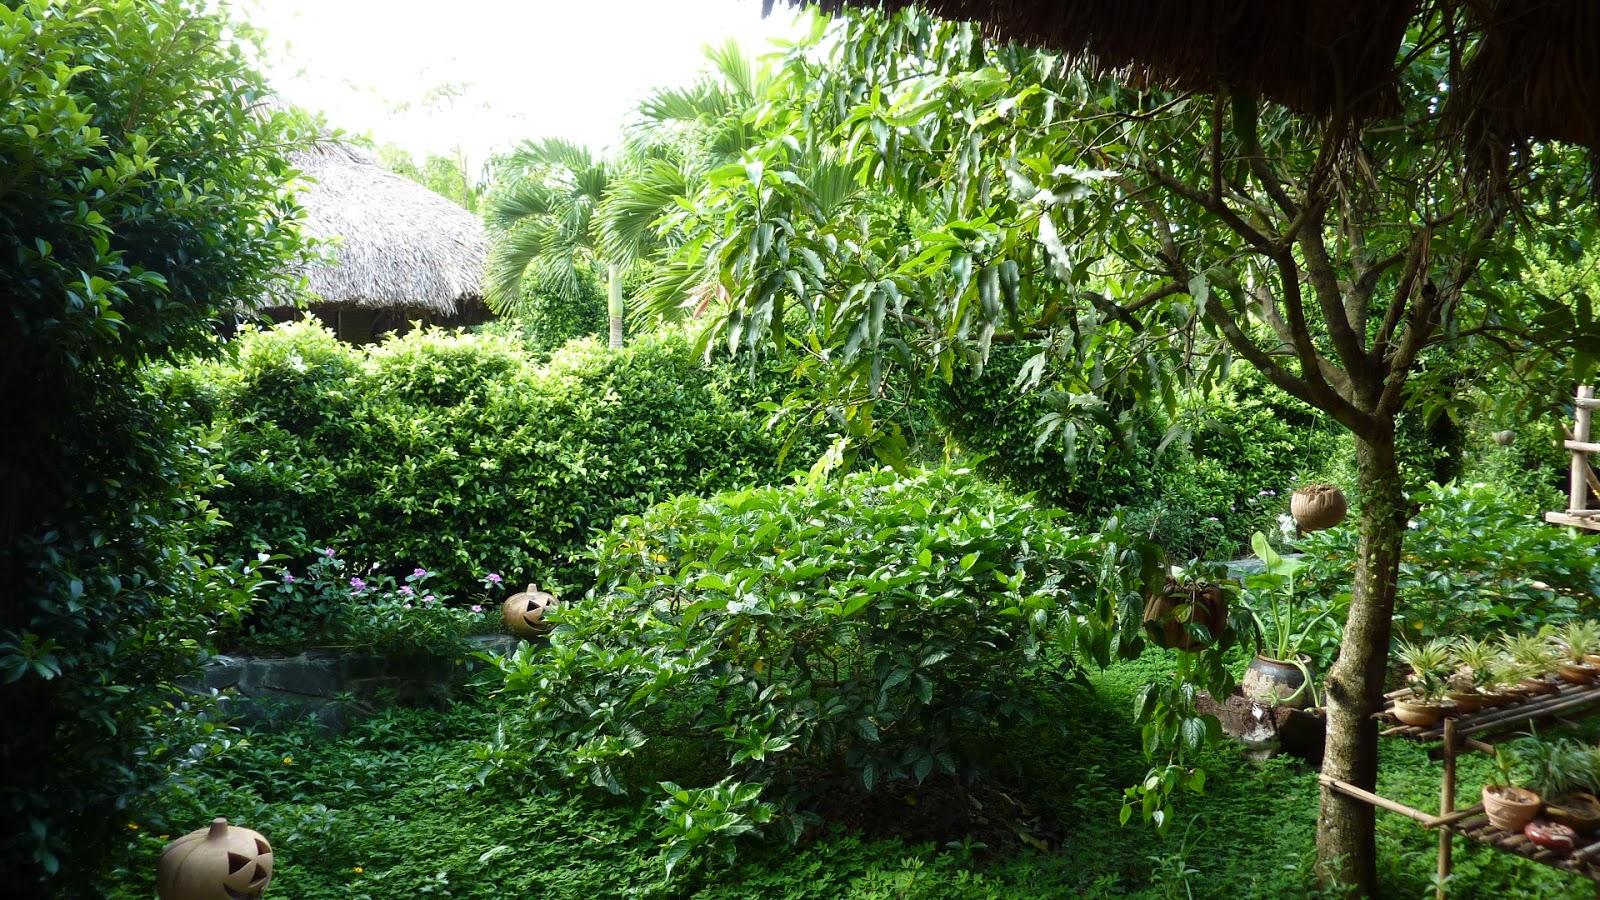 Petunialee Garden Of Eden Day 1